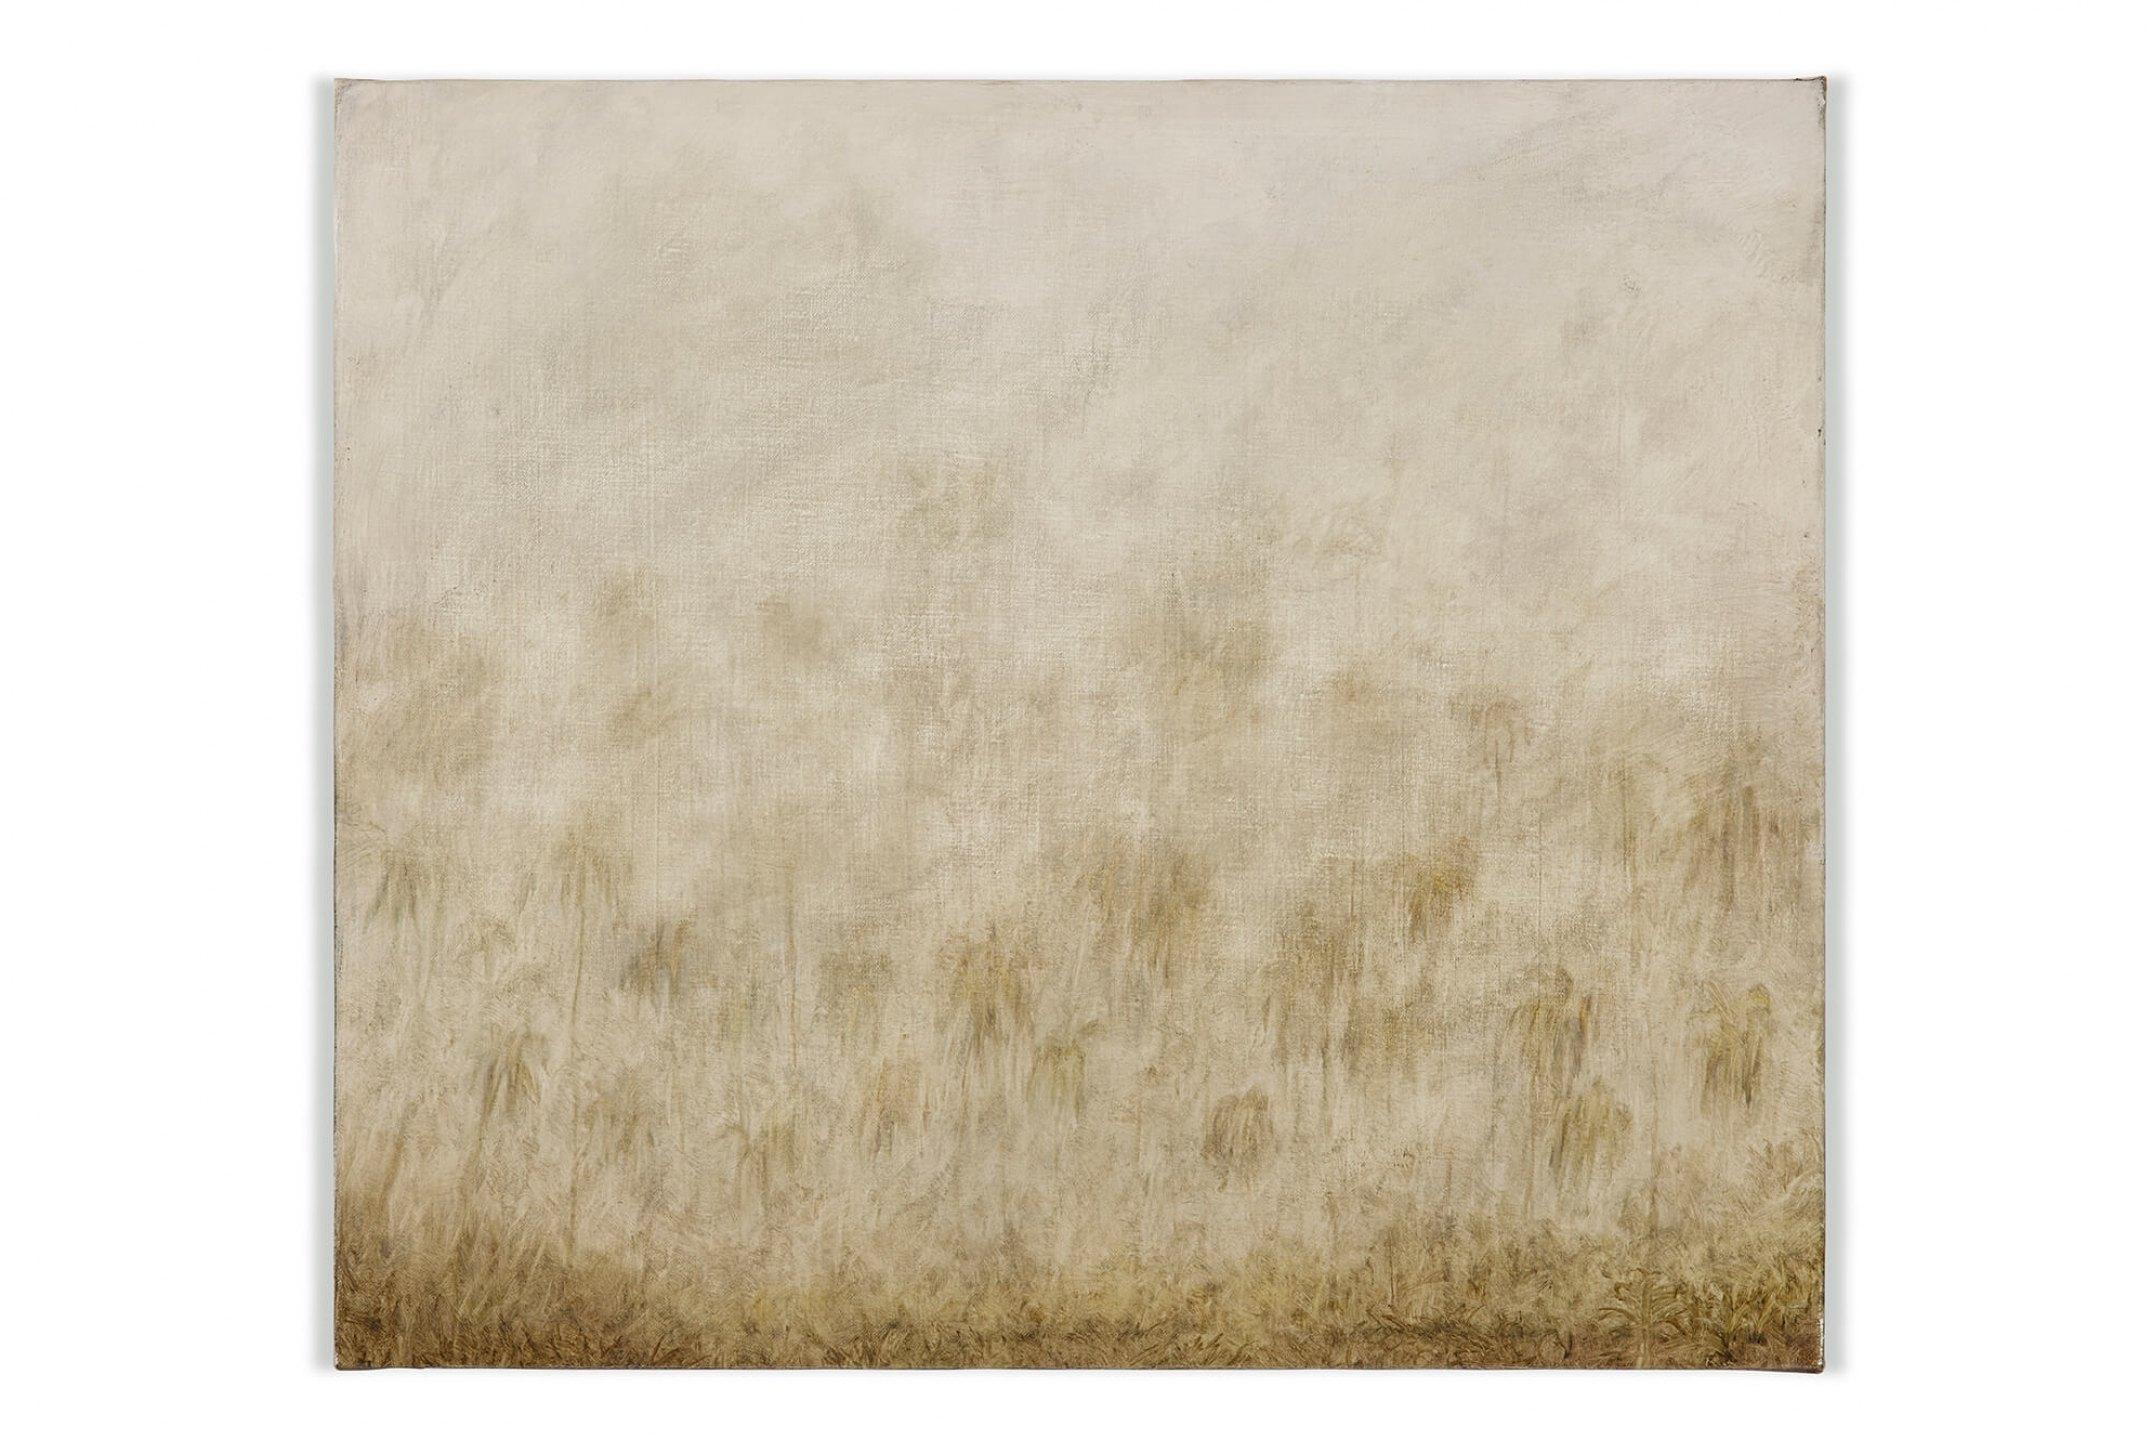 Lucas Arruda,&nbsp;<em>untitled</em>, 2014, oil on canvas, 39 × 45 cm - Mendes Wood DM